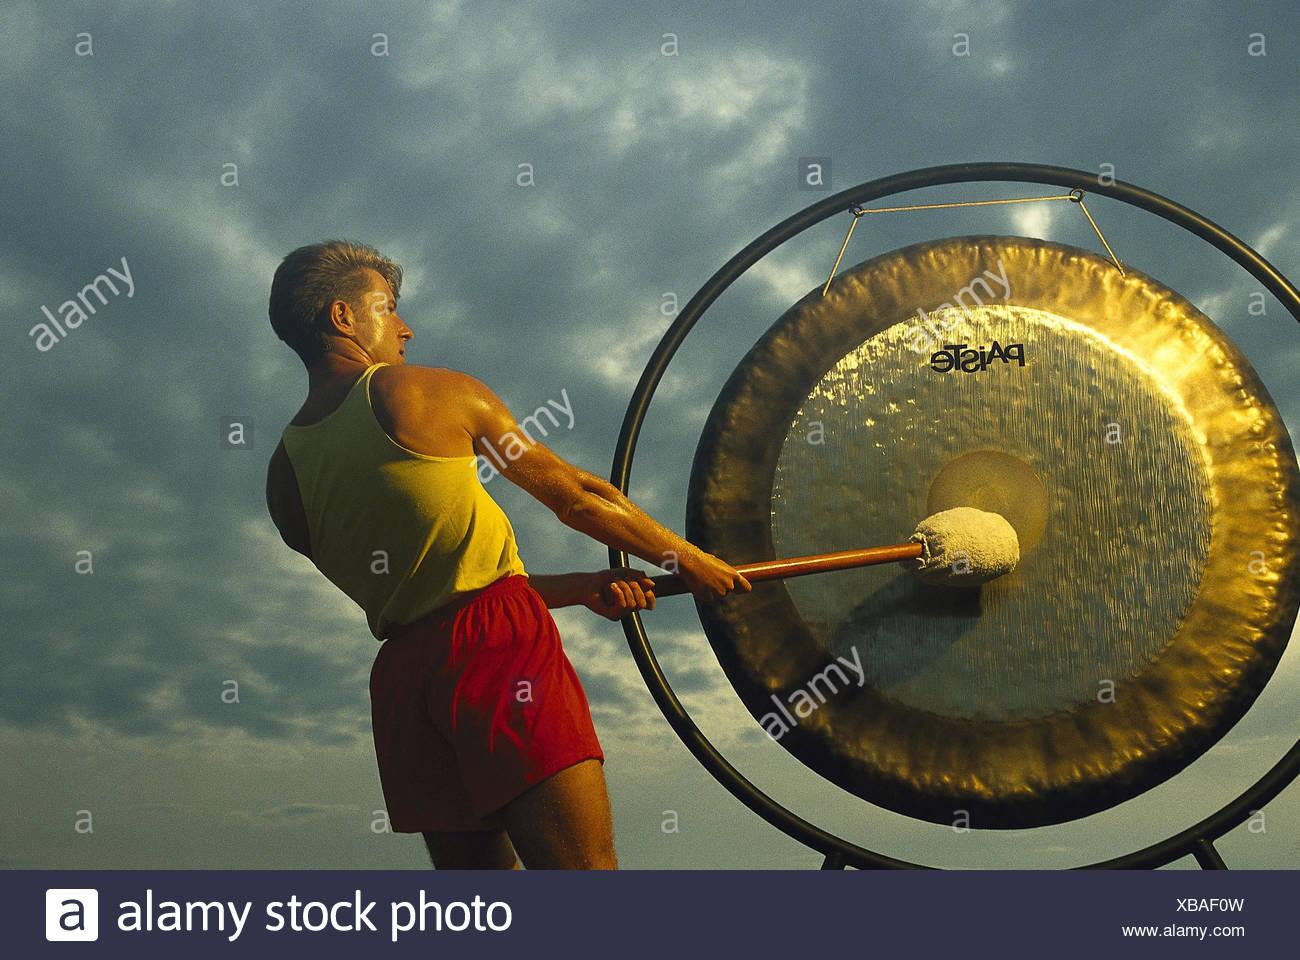 Mann, Gong, Hit, Signal, Ton, Kultur, Tradition, in Chinesisch, asiatisch, Hammer, Schlag, groß, rund, Messing, Bronze, Stockbild